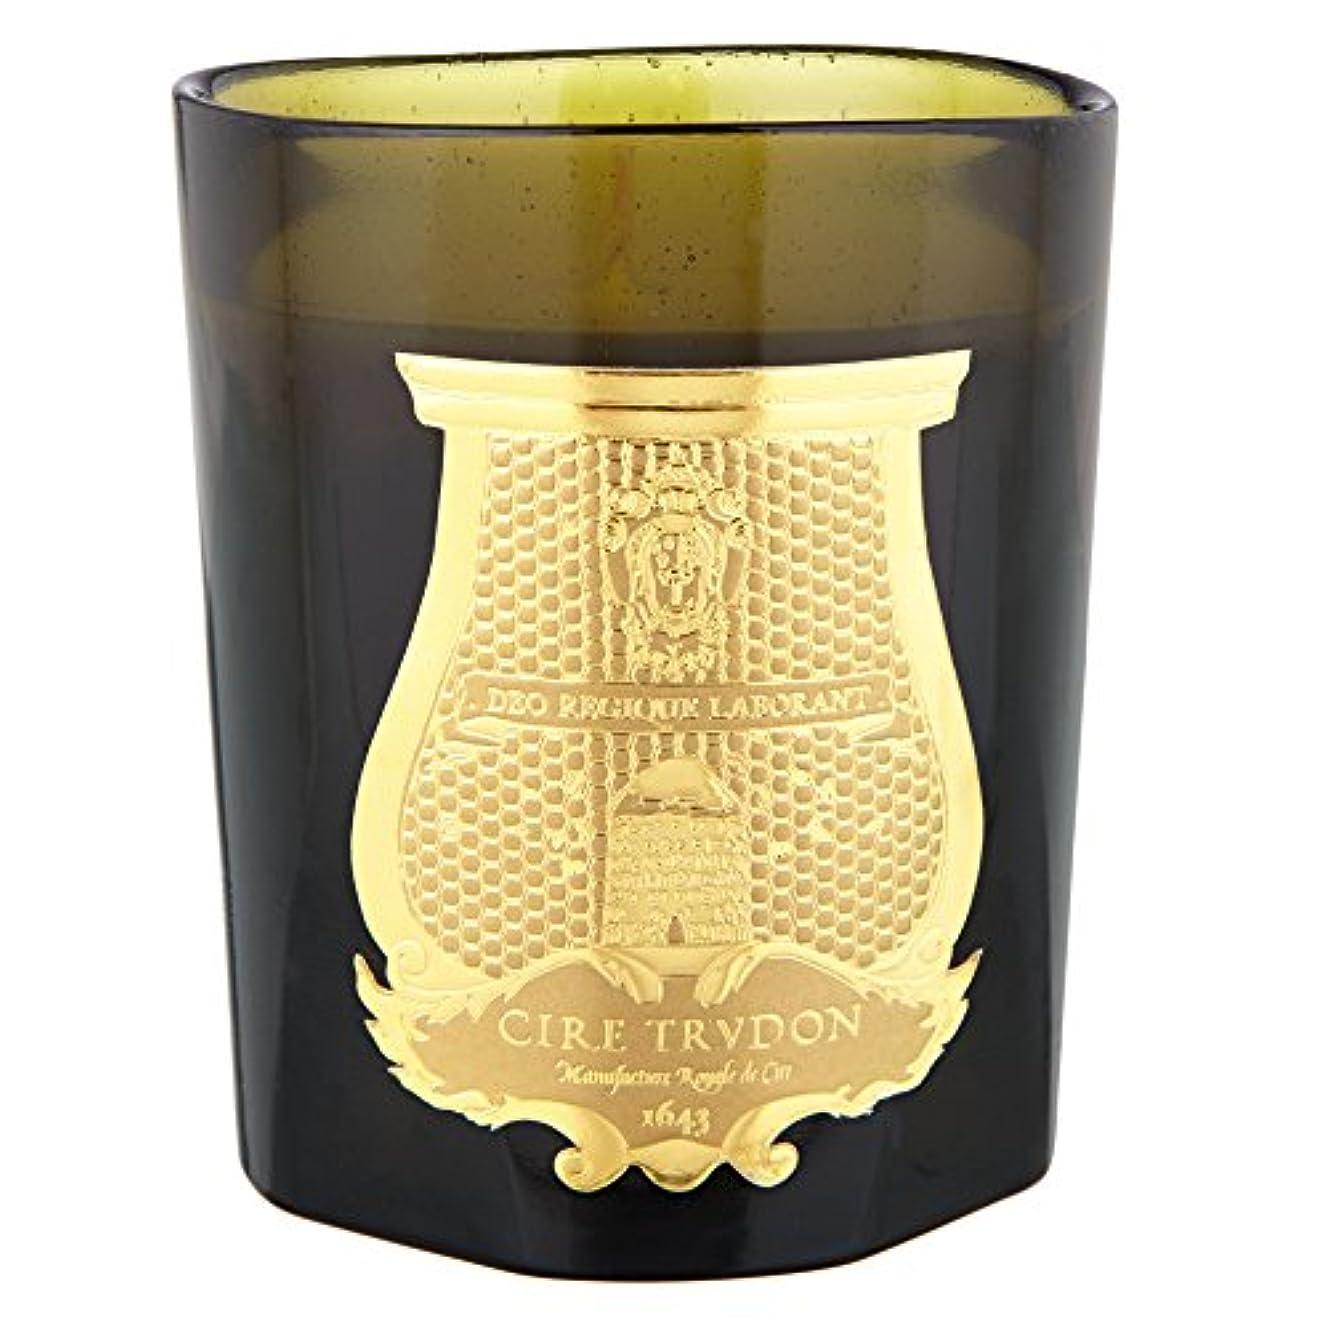 コンチネンタル死言い聞かせるCire Trudon酒精サンクティ香りのキャンドル (Cire Trudon) - Cire Trudon Spiritus Sancti Scented Candle [並行輸入品]